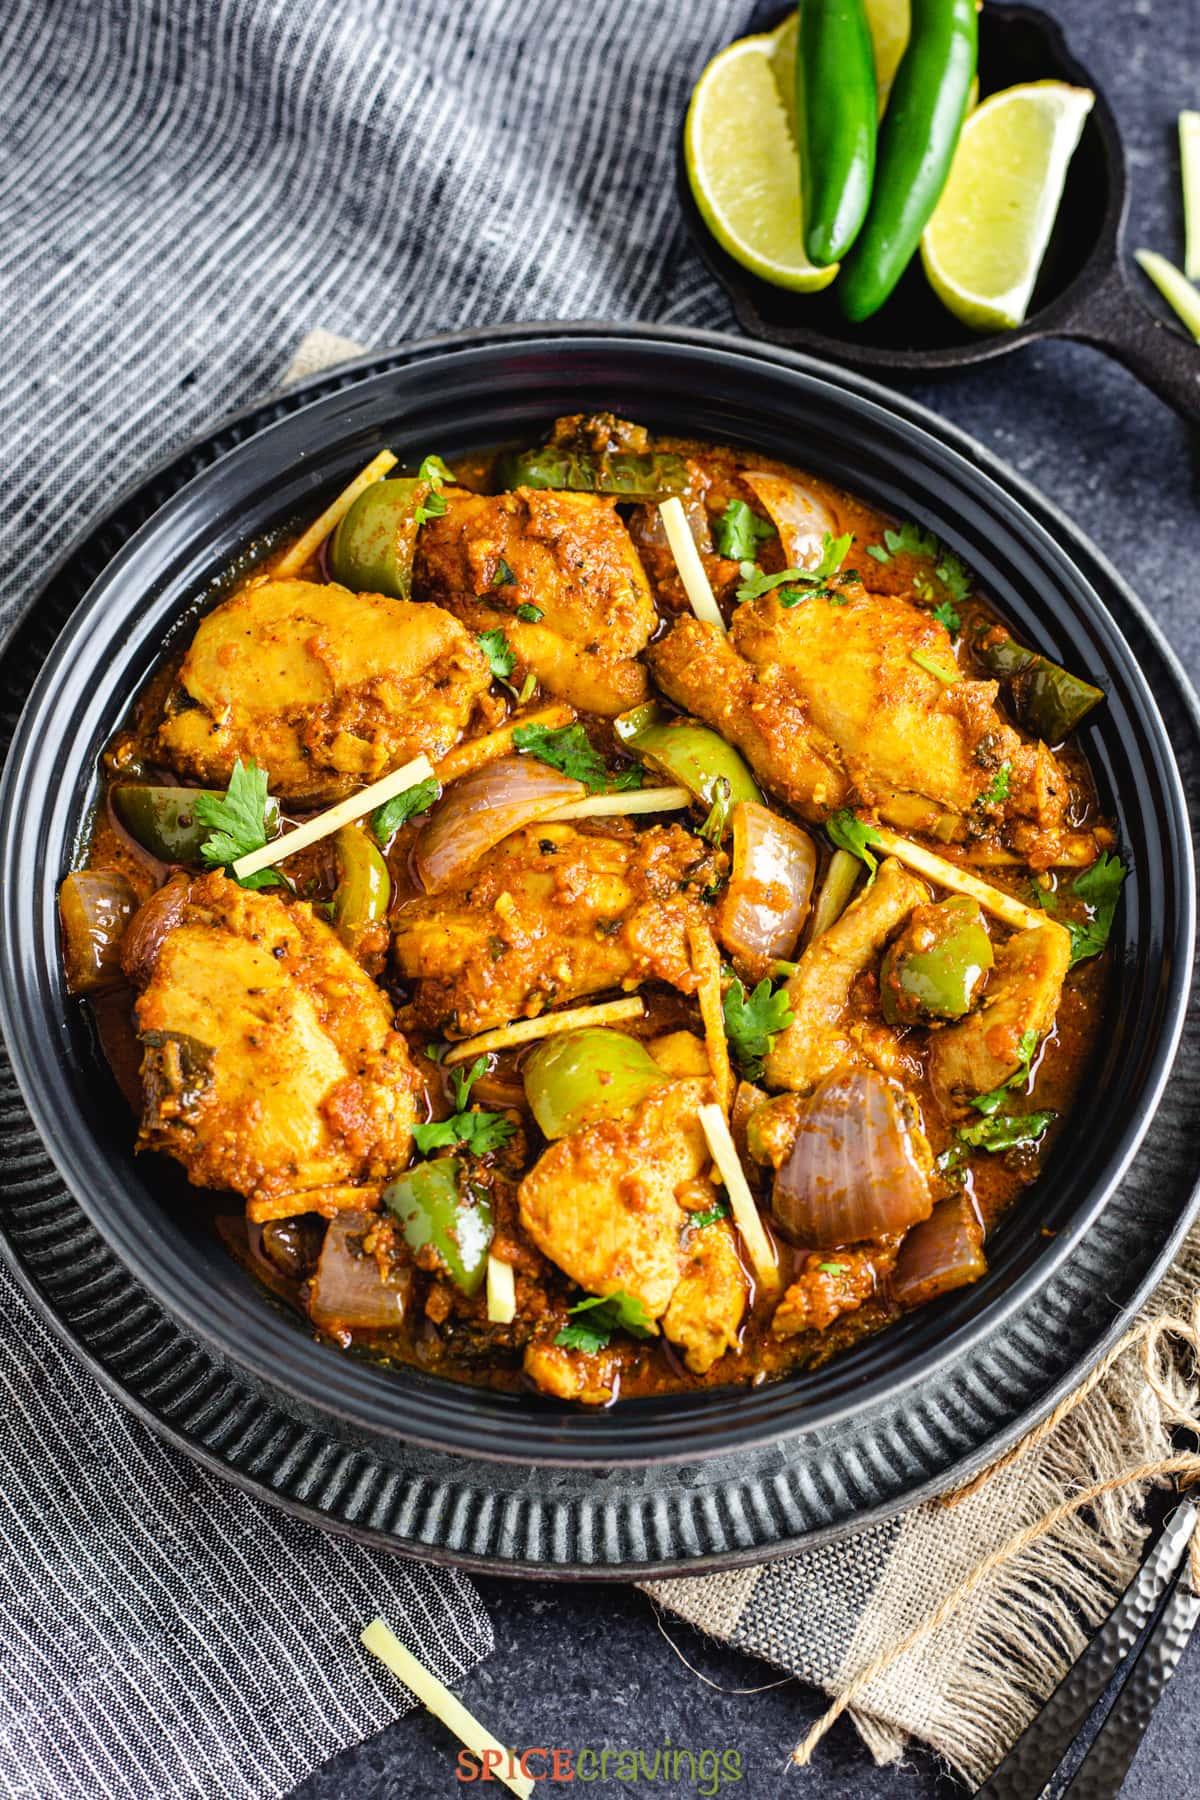 Chicken Karahi in a bowl